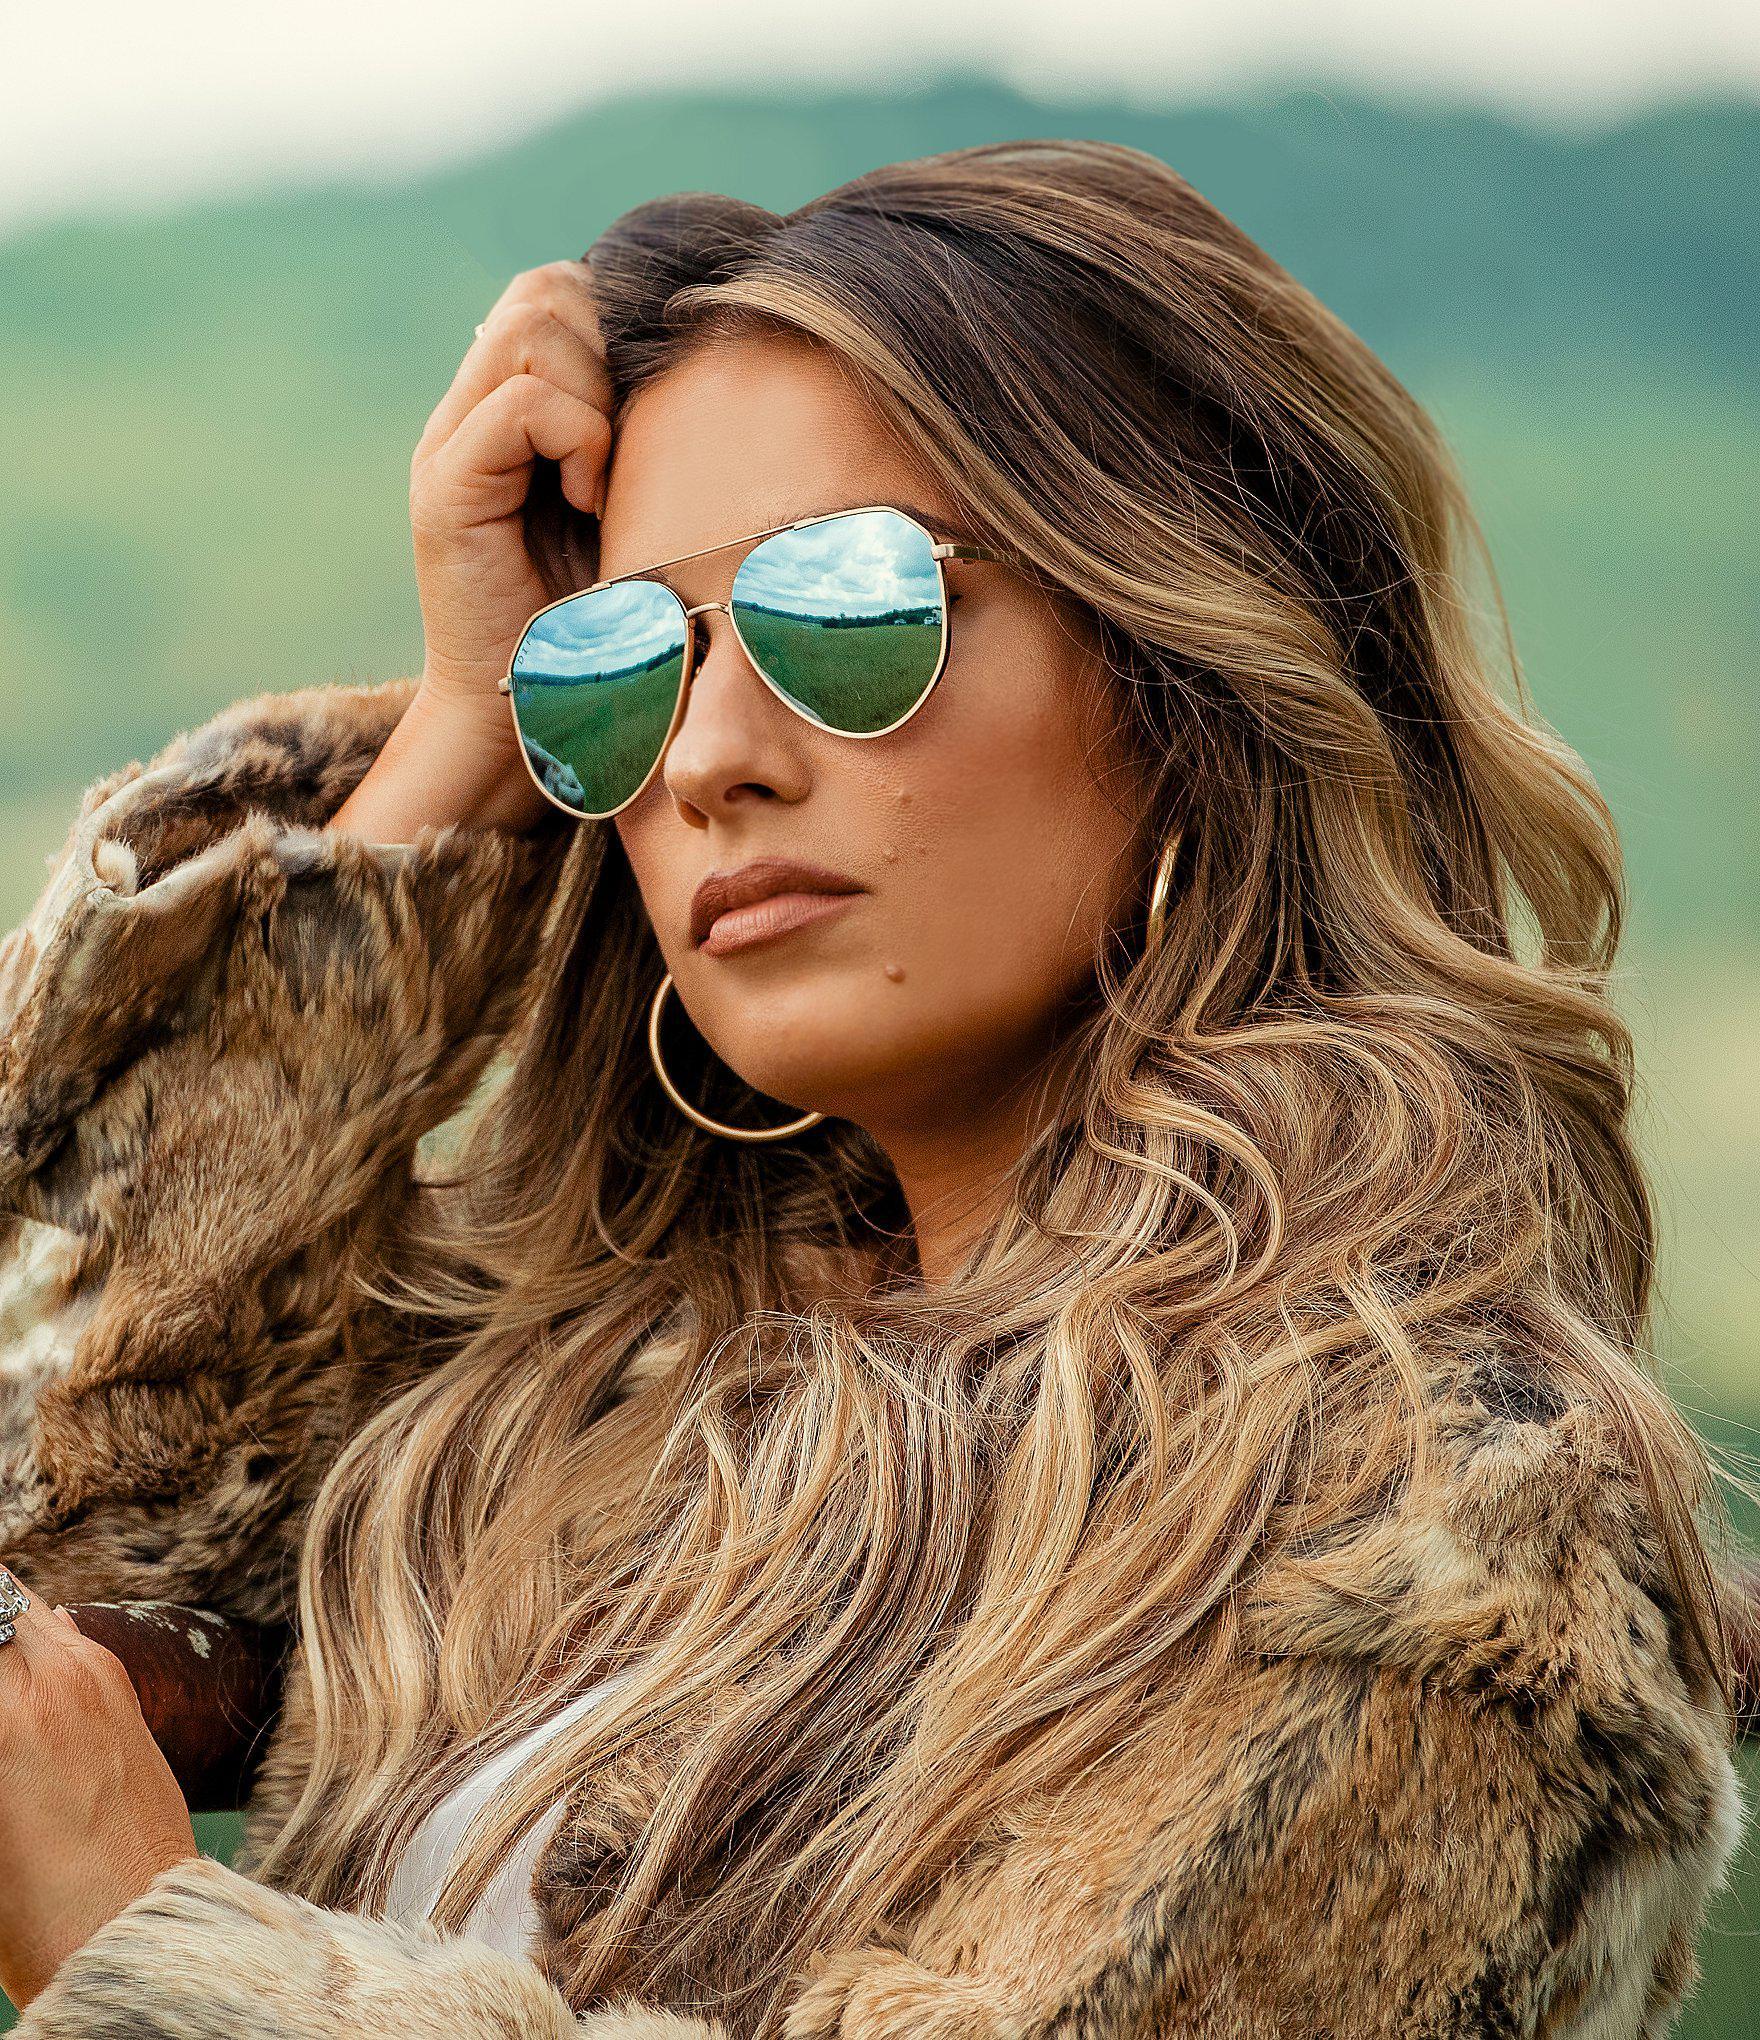 d94168dbb15ee DIFF Jessie James Decker Dash Sunglasses in Metallic - Lyst